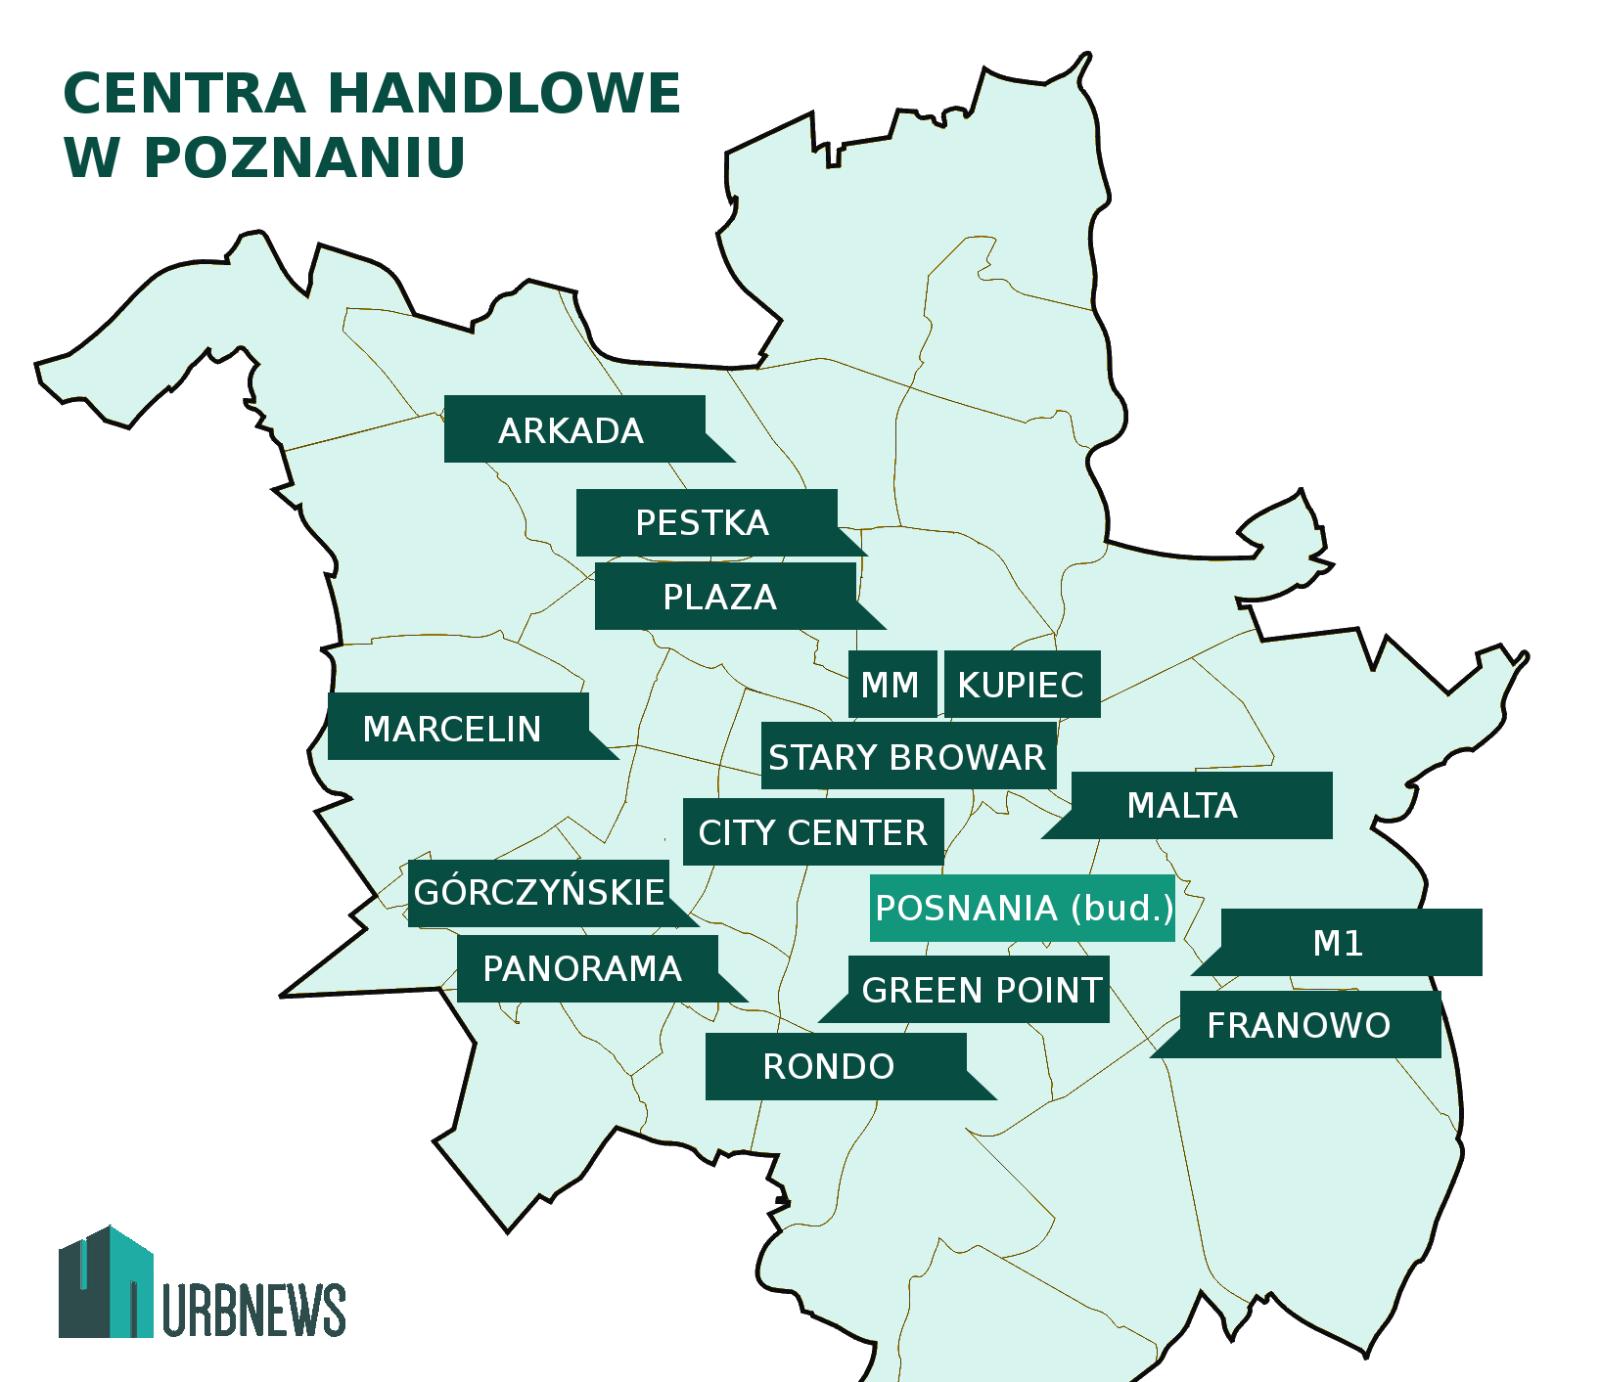 Poznań. Centra handlowe w Poznaniu. Autor: W.Wojtowicz / urbnews.pl